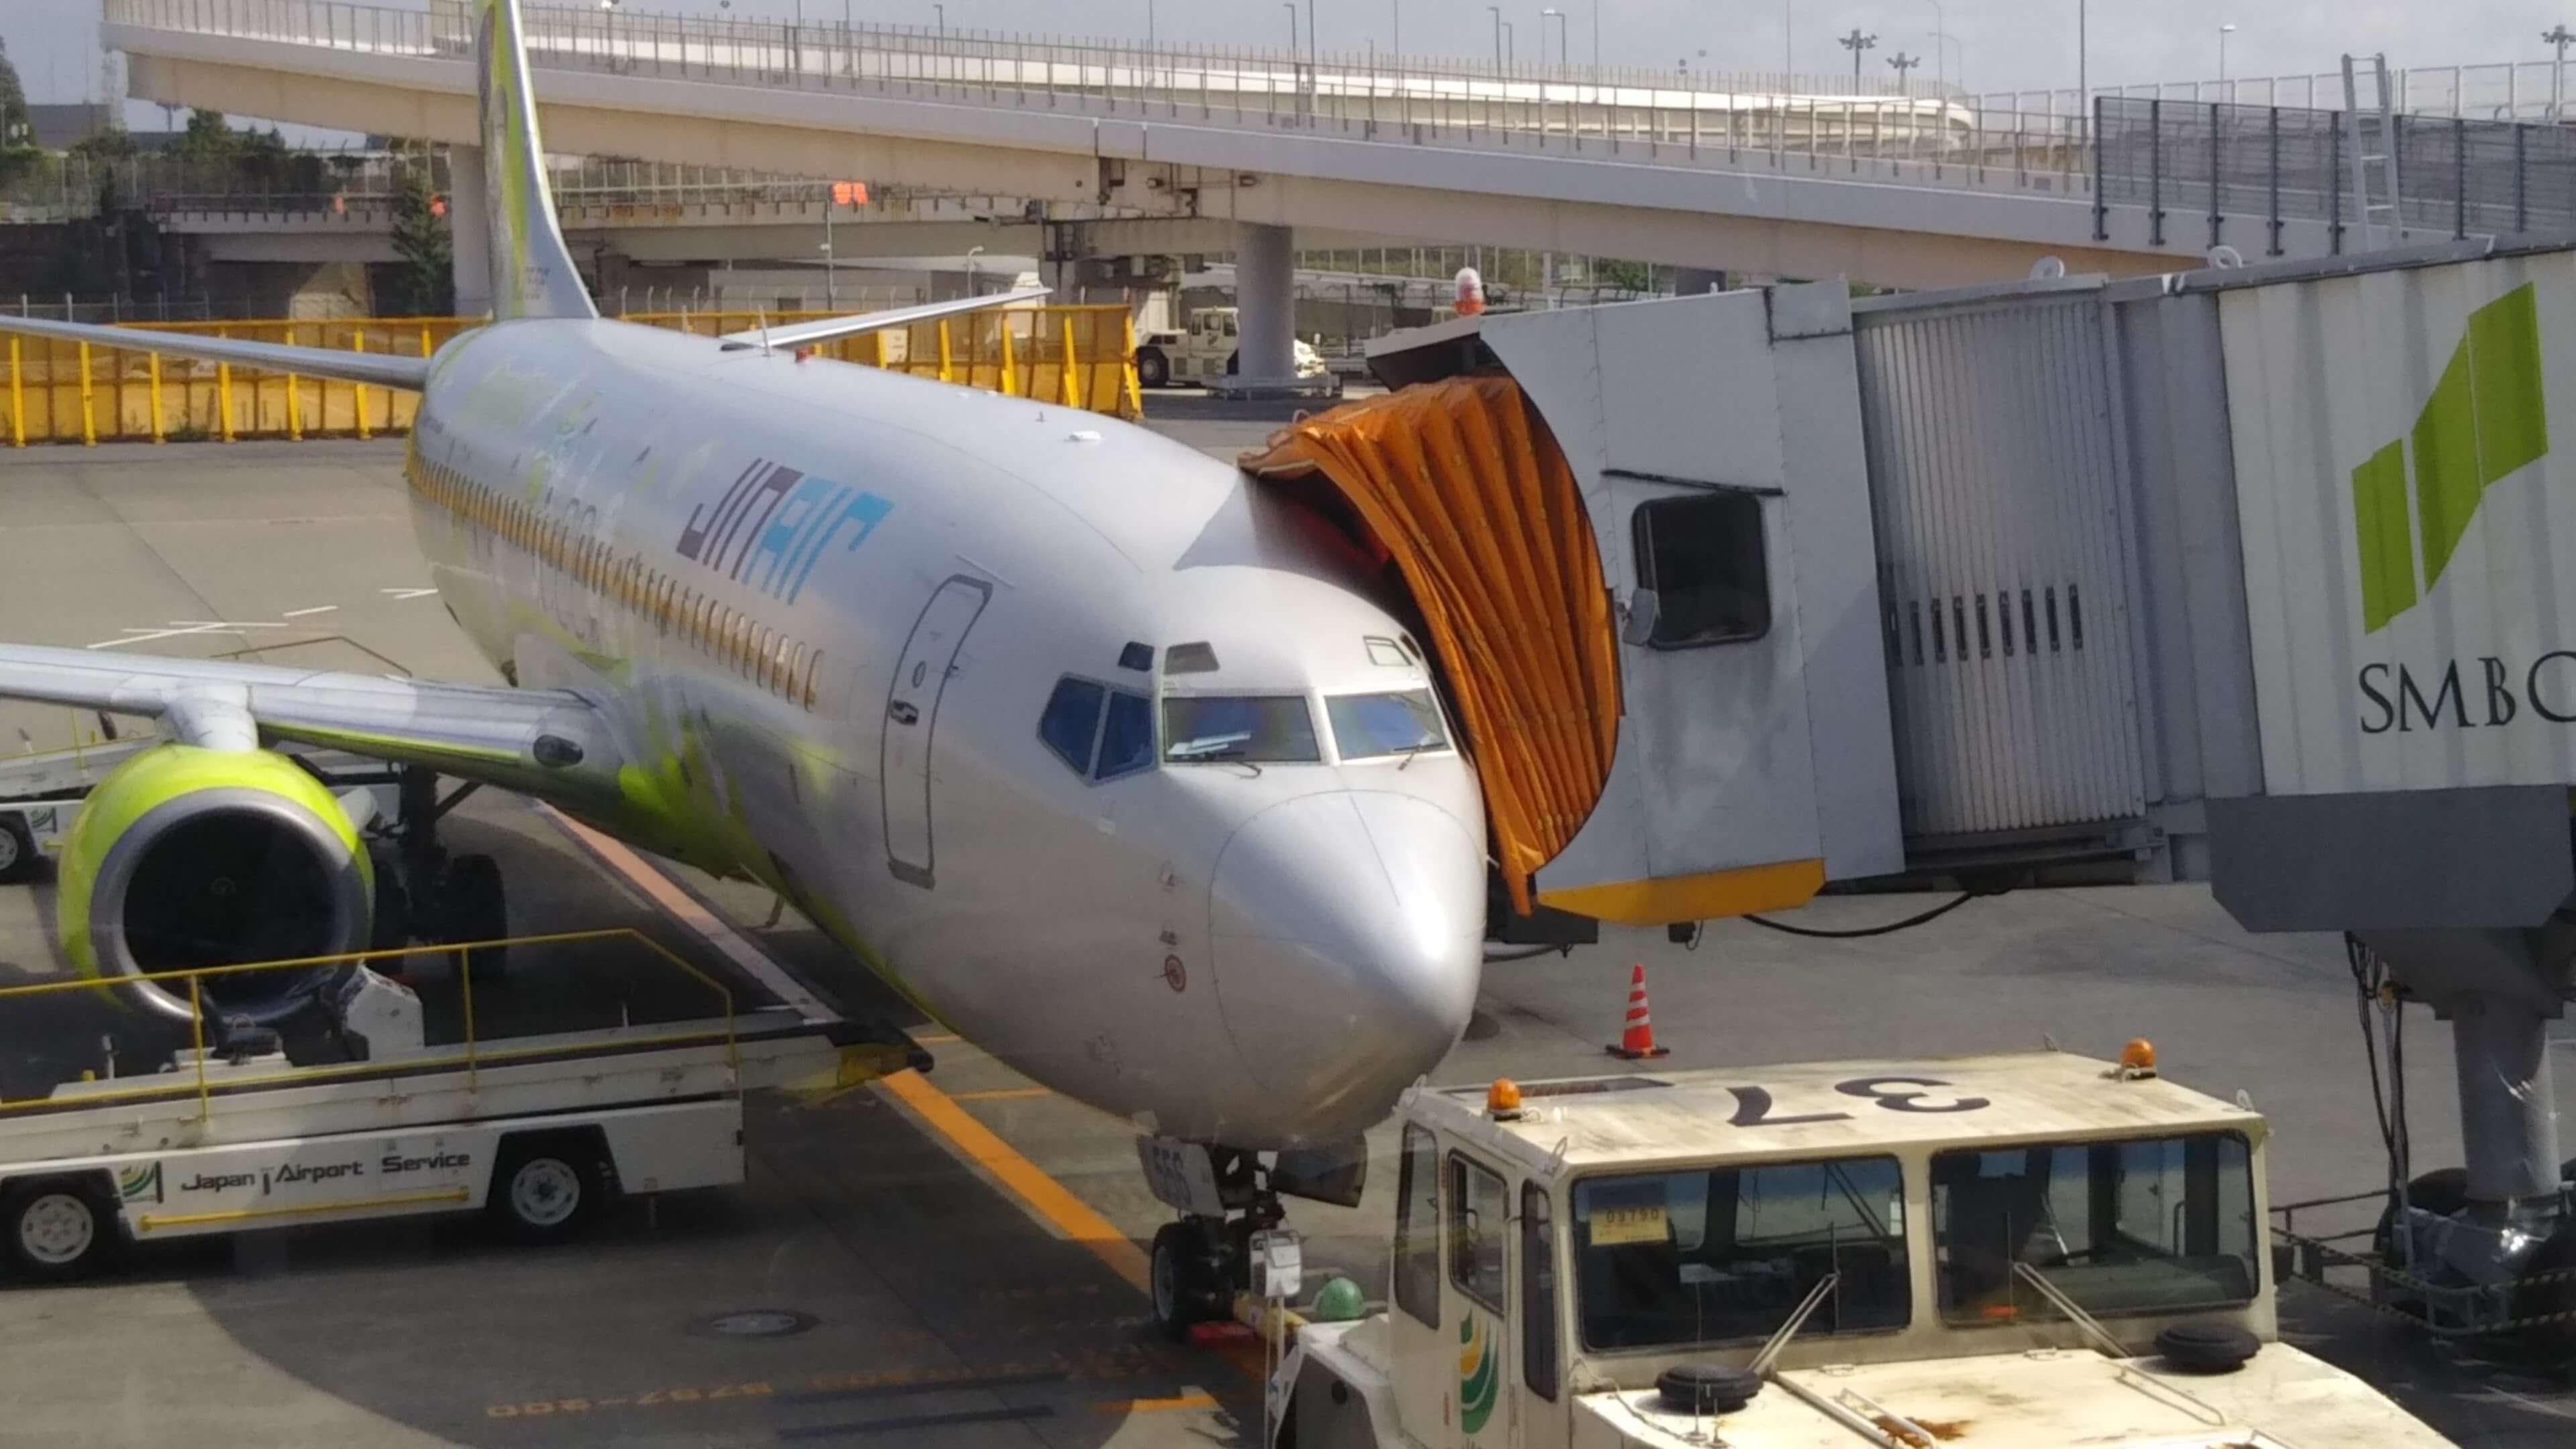 成田空港の飛行機(エアカランではない)